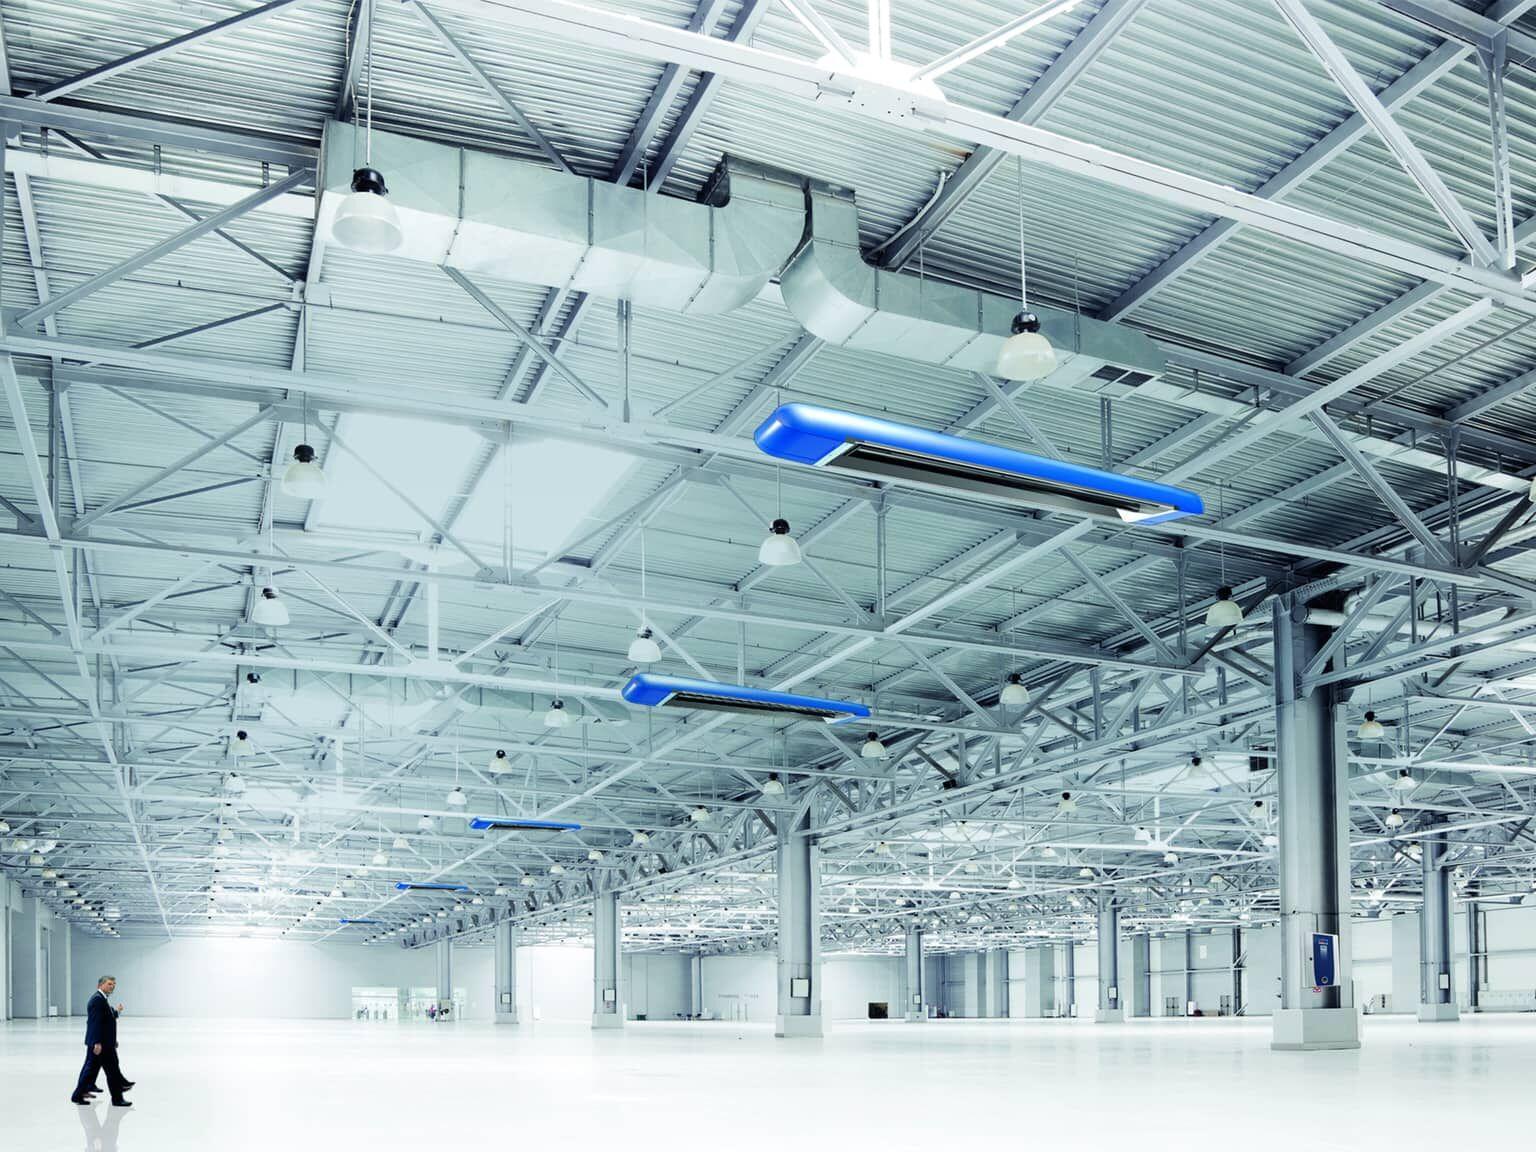 Ein Mann geht alleine durch eine große Industriehalle mit Dunkelstrahlern